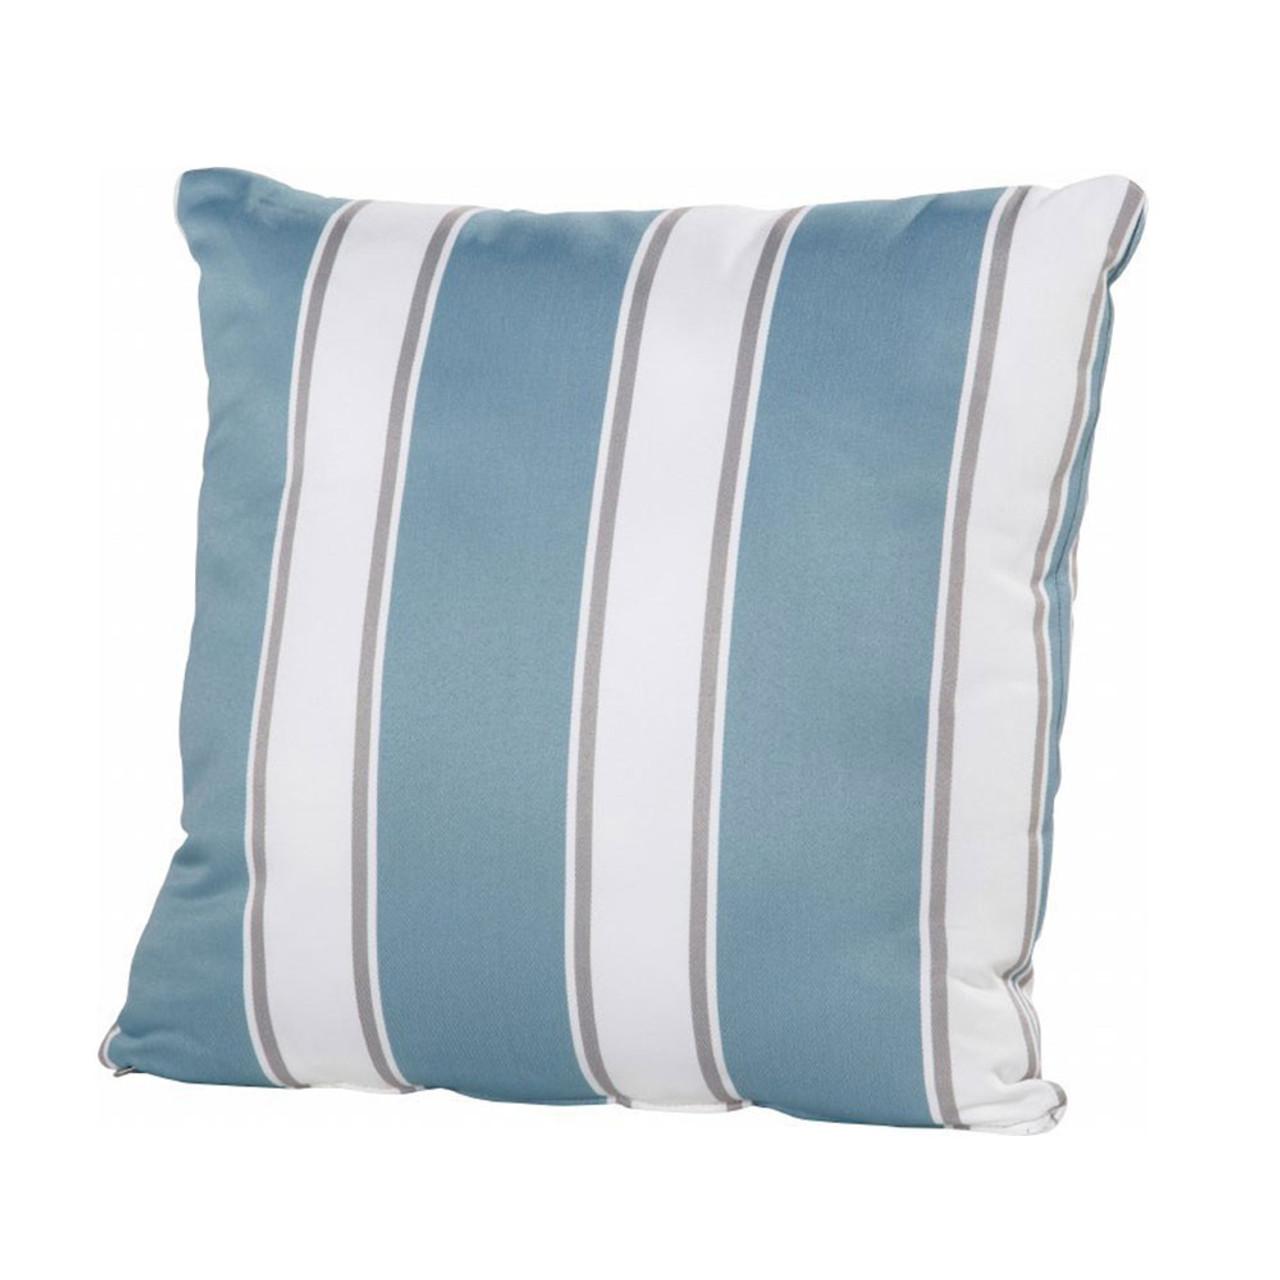 4so Curiosity Blue Outdoor Cushion 50x50cm The Orchard Garden